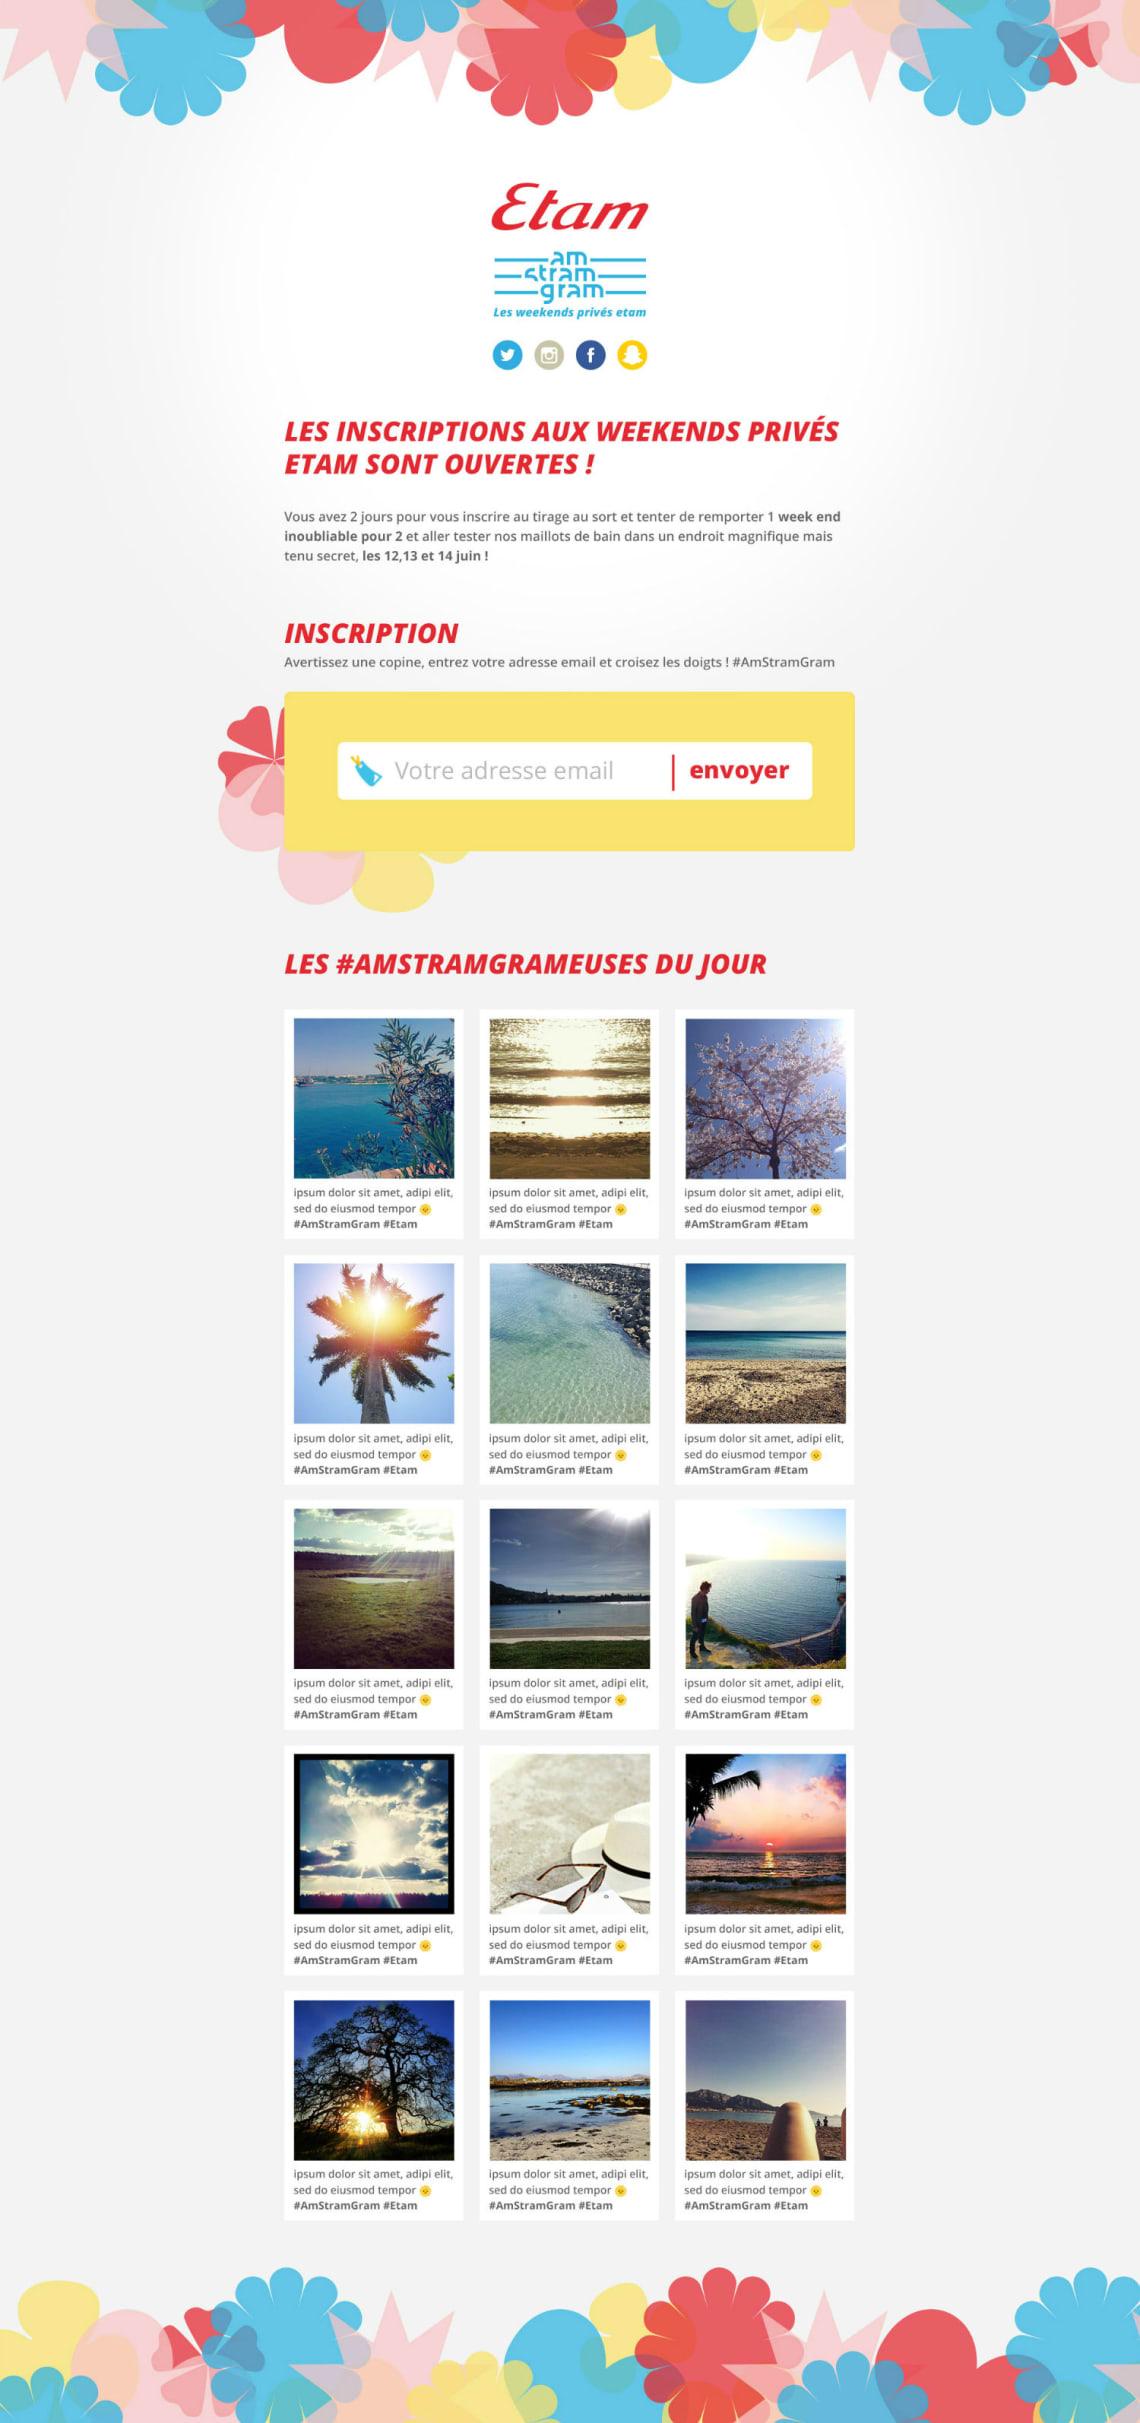 Am-stram-gram Conception,Identité,Direction Artistique,Webdesign,Conseil,Social Media,Logo